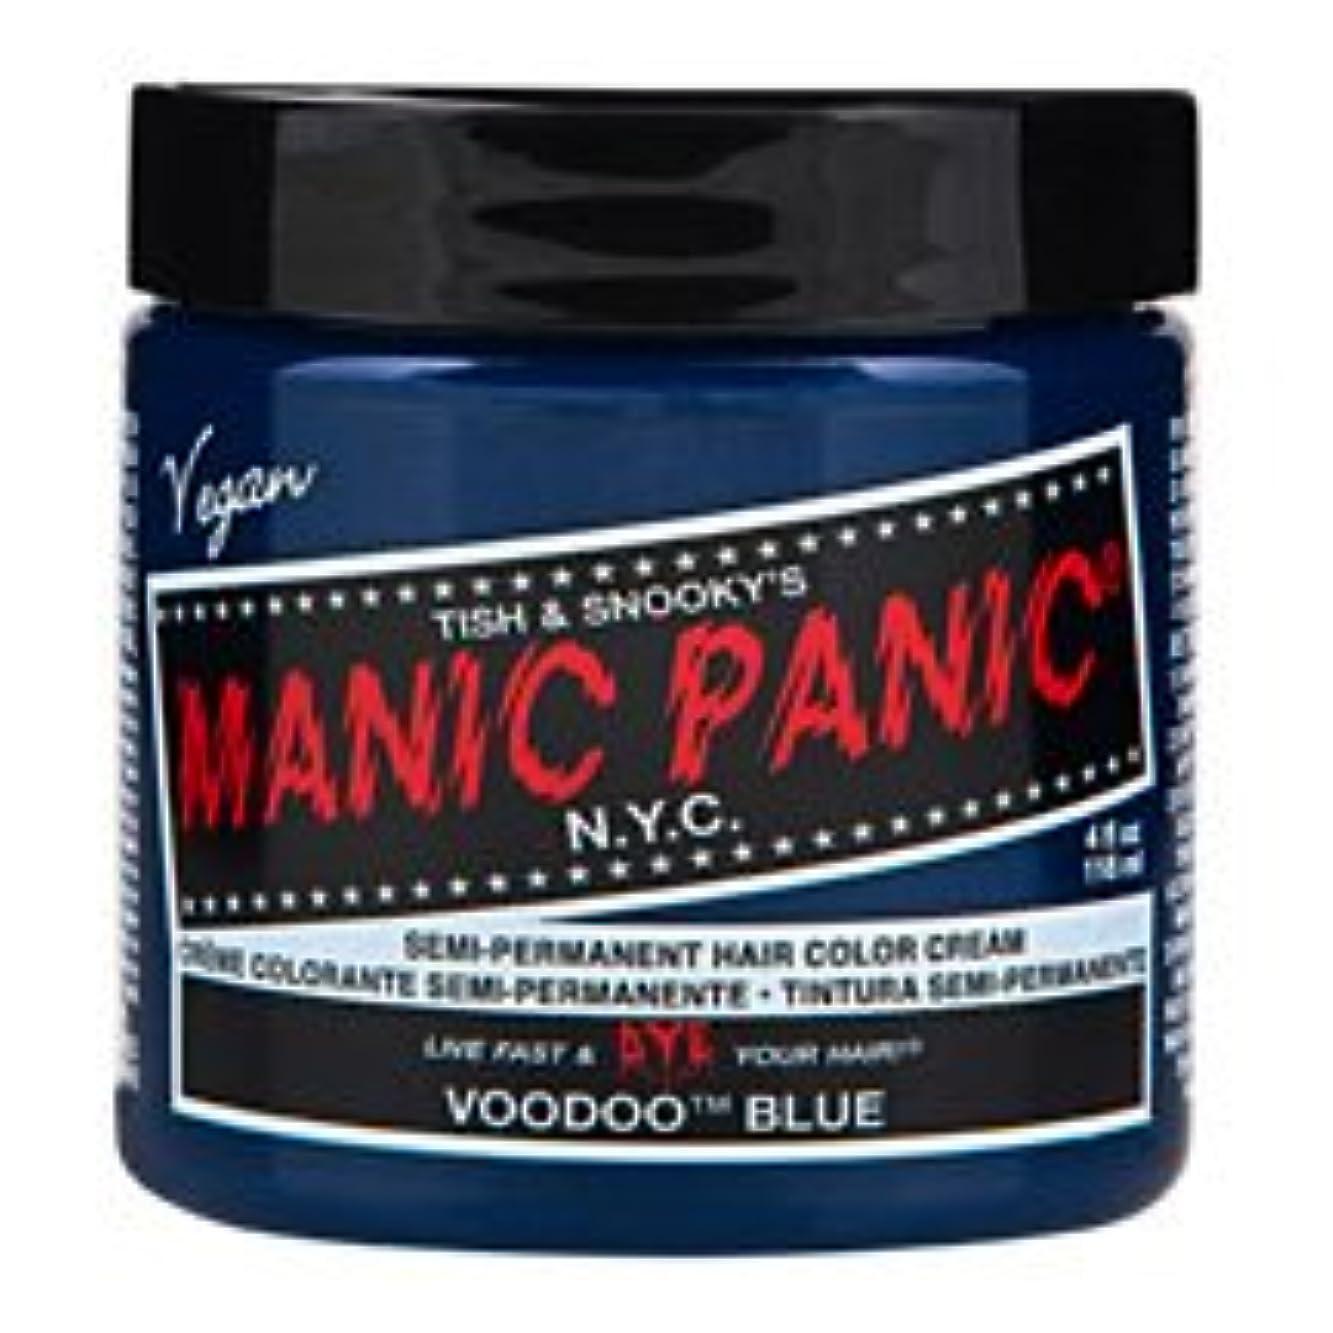 航空ばかげているピアーススペシャルセットMANIC PANICマニックパニック:Voodoo Blue (ブゥードゥーブルー)+ヘアカラーケア4点セット